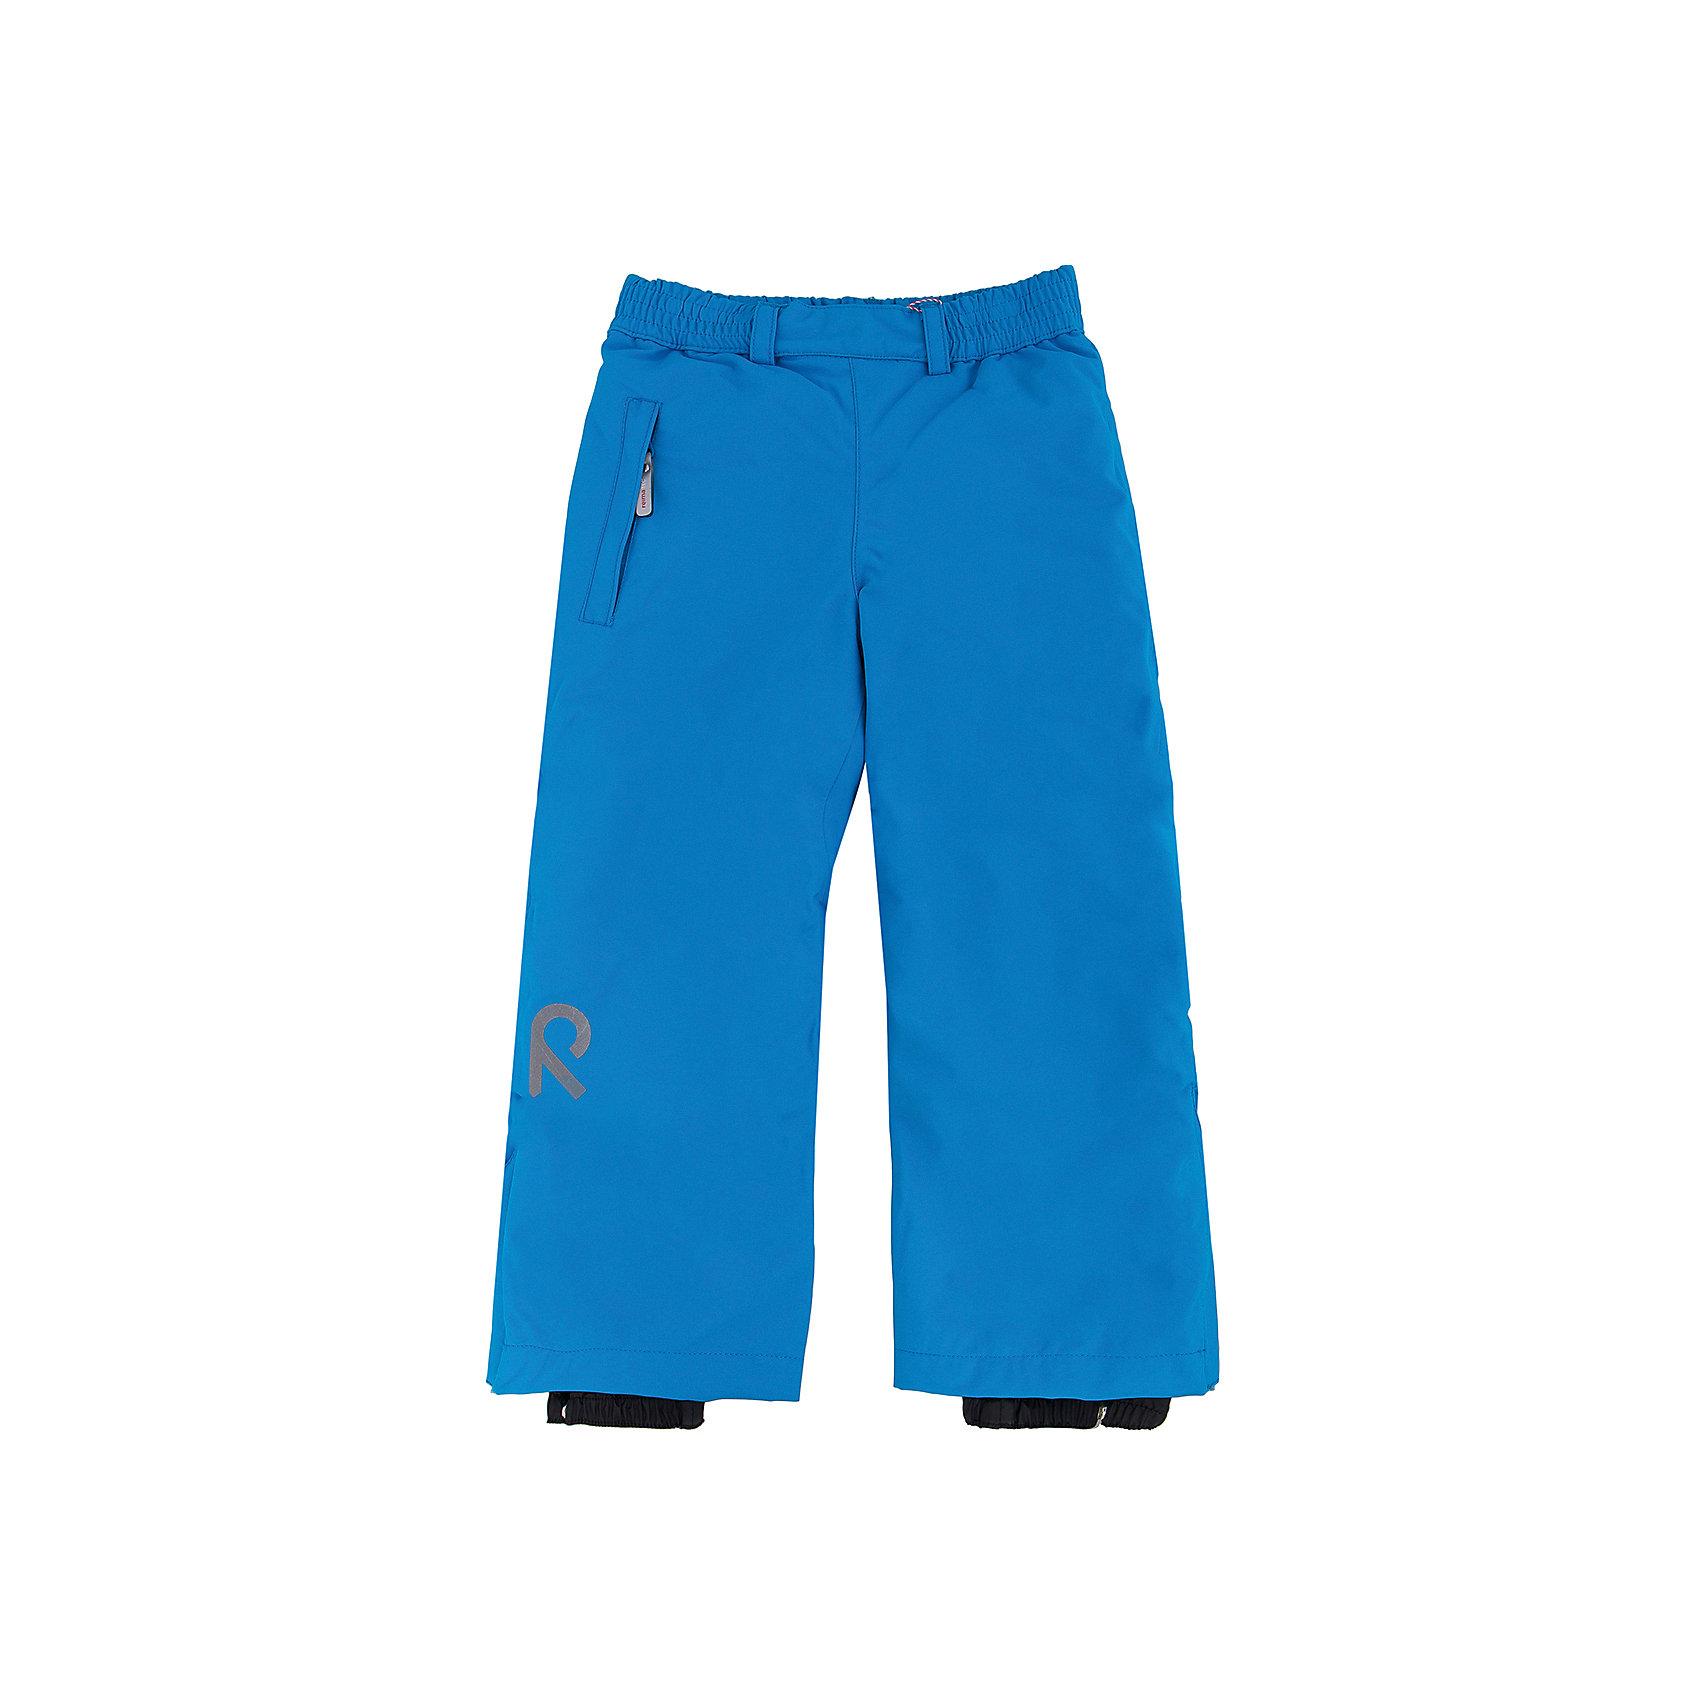 Брюки Reimatec ReimaБрюки Reima (Рейма), голубой от известного финского производителя детской одежды Reima. Зимние брюки выполнены из полиамида с полиуретановым покрытием, обладают высокой износоустойчивостью, воздухопроницаемыми, ветрозащитными, водооталкивающими и грязеотталкивающими свойствами. Изделие устойчиво к изменению формы и цвета даже при длительном использовании. Силуэт изделия имеет классическую форму: прямые брюки с высокой посадкой, регулируемый по ширине пояс делают изделие особо комфортным для активного отдыха и прогулок.  С правого бока имеется втачной карман  на молнии. У брюк все швы проклеенные, снизу брючин предусмотрена регулировка по ширине и блокировка на кнопках от попадания снега. Зимние брюки от Reima  можно носить при температуре до - 20 градусов.    <br><br>Дополнительная информация:<br><br>- Предназначение: повседневная одежда для прогулок и активного отдыха<br>- Цвет: голубой<br>- Пол: для девочки/для мальчика<br>- Состав: 100% полиамид, полиуретановое покрытие<br>- Сезон: зима<br>- Особенности ухода: стирать изделие, предварительно вывернув его на левую сторону, не использовать отбеливающие вещества<br><br>Подробнее:<br><br>• Для детей в возрасте: от 4 лет и до 5 лет<br>• Страна производитель: Китай<br>• Торговый бренд: Reima, Финляндия<br><br>Брюки Reima (Рейма), голубой можно купить в нашем интернет-магазине.<br><br>Ширина мм: 215<br>Глубина мм: 88<br>Высота мм: 191<br>Вес г: 336<br>Цвет: голубой<br>Возраст от месяцев: 60<br>Возраст до месяцев: 72<br>Пол: Унисекс<br>Возраст: Детский<br>Размер: 116,134,140,128,110,122<br>SKU: 4653858